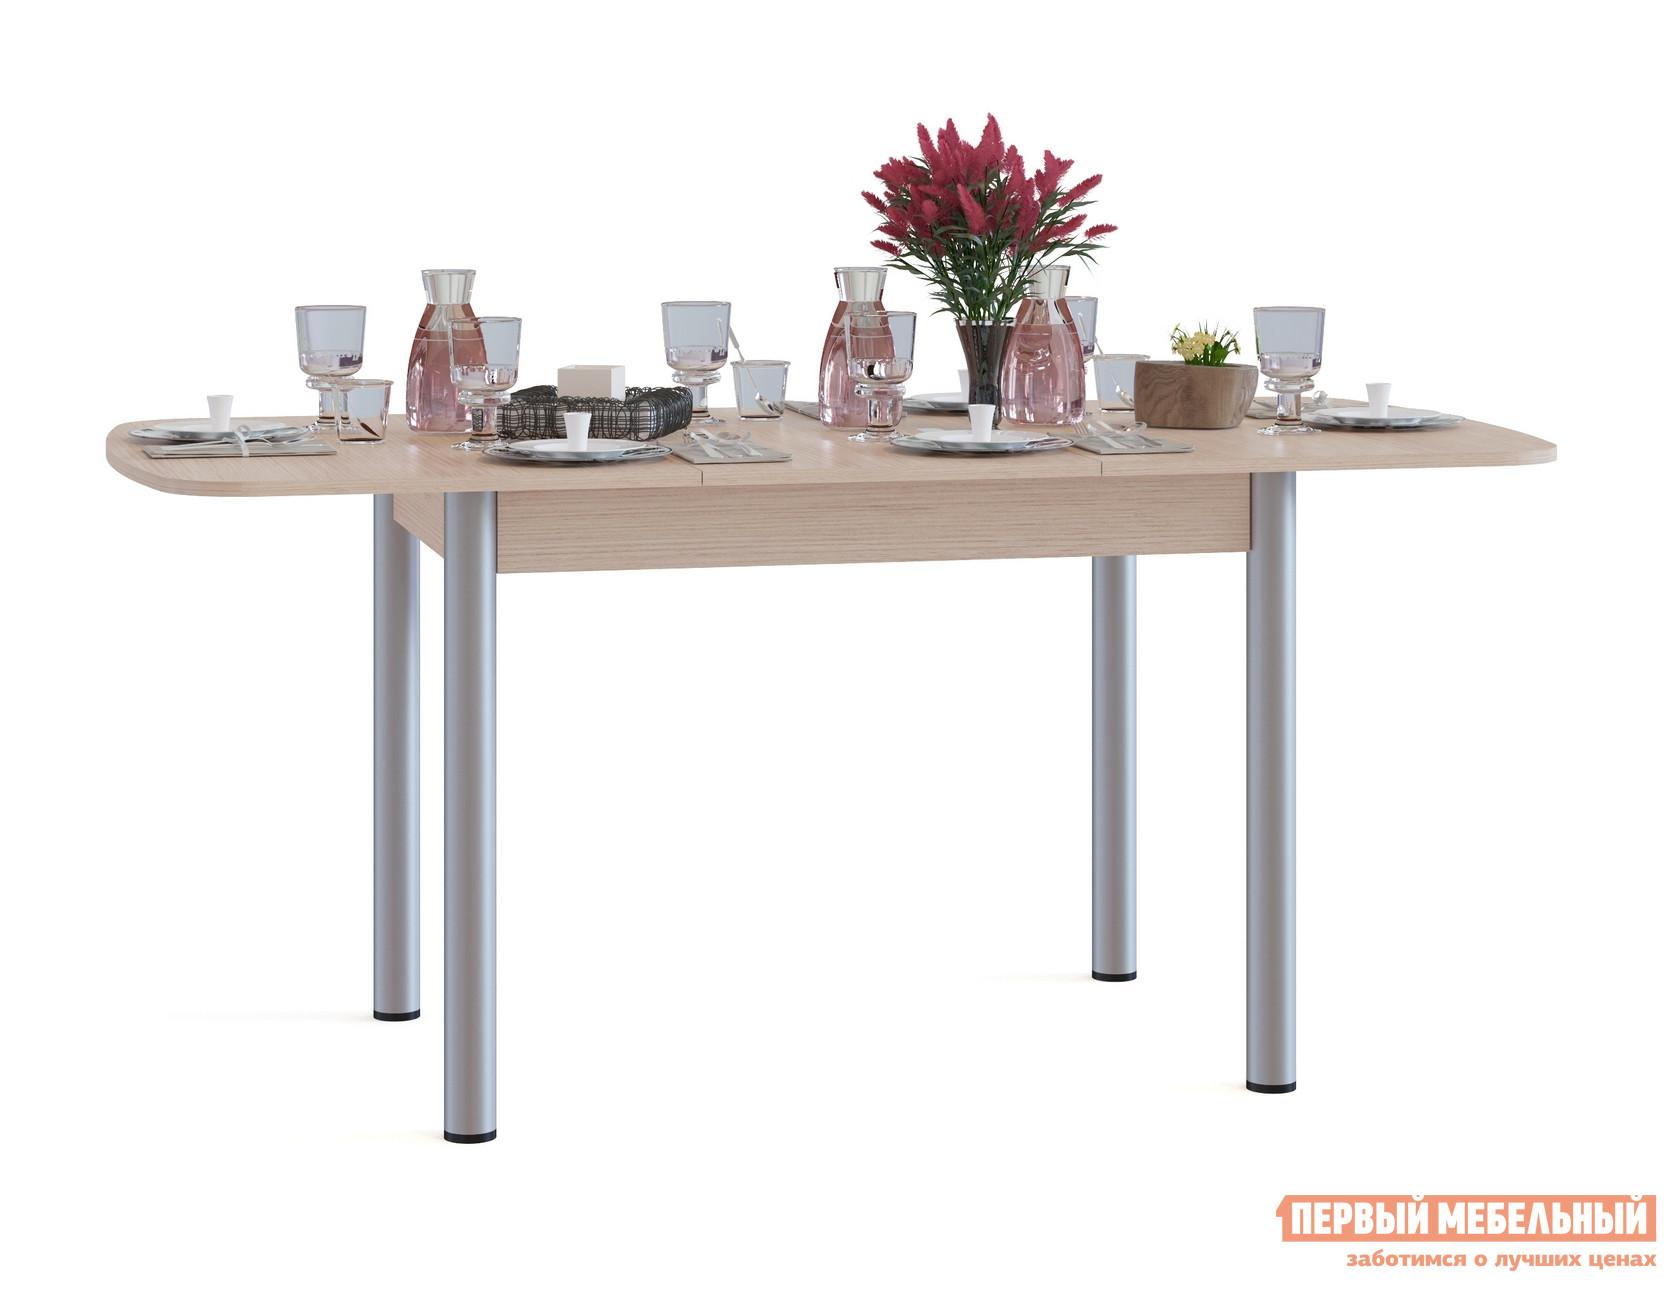 Кухонный стол Сокол СО-3м Беленый дубКухонные столы<br>Габаритные размеры ВхШхГ 756x1200 / 1646x800 мм. Овальный раскладной обеденный стол на металлических ножках.  Идеальный вариант для кухни как дома, так и на даче.  Модель оборудована раздвижным механизмом «бабочка», благодаря которому, за счет дополнительной вставки размером 446 мм, ширина столешницы увеличивается до 1646 мм.  В сложенном состоянии вставка хранится в столе.  Чтобы разложить стол, нужно раздвинуть столешницу в стороны, достать вставку и раскрыть ее между частями столешницами. Обратите внимание! В разложенном состоянии петли находятся на поверхности столешницы. Изделие изготавливается из ЛДСП толщиной 16 мм. Столешница обработана кромкой ПВХ толщиной 2 мм, остальные детали в кромке ПВХ 0,4 мм. Рекомендуем сохранить инструкцию по сборке (паспорт изделия) до истечения гарантийного срока.<br><br>Цвет: Светлое дерево<br>Высота мм: 756<br>Ширина мм: 1200 / 1646<br>Глубина мм: 800<br>Кол-во упаковок: 1<br>Форма поставки: В разобранном виде<br>Срок гарантии: 2 года<br>Тип: Раздвижные<br>Тип: Трансформер<br>Материал: Дерево<br>Материал: ЛДСП<br>Форма: Овальные<br>Размер: Большие<br>С металлическими ножками: Да